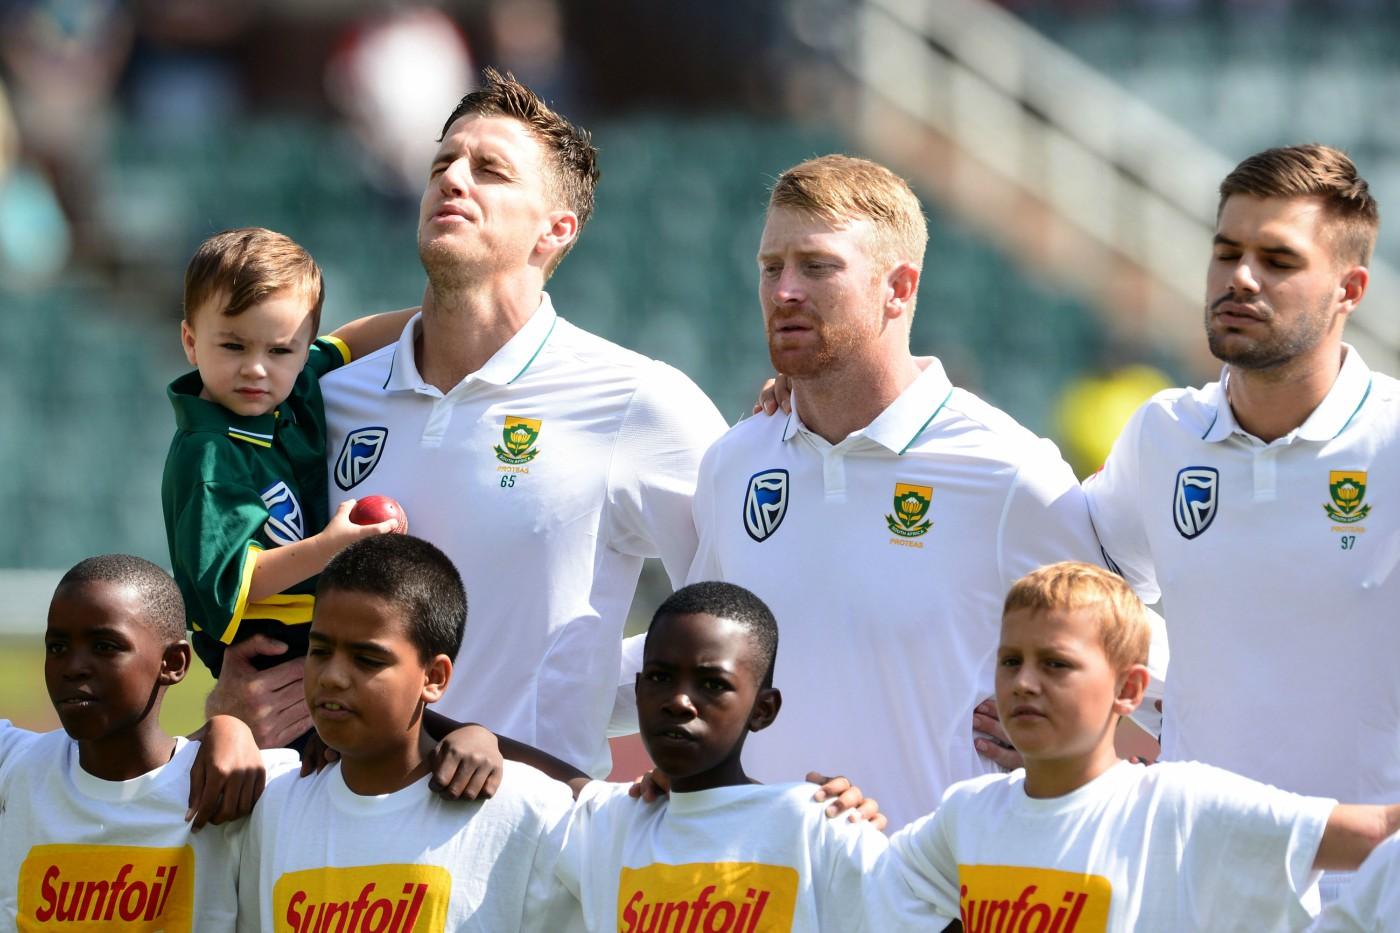 दक्षिण अफ्रीका क्रिकेट में हुआ एक युग का अंत, दिग्गज तेज गेंदबाज मोर्ने मोर्केल ने कहा नम आंखों से क्रिकेट को अलविदा 34